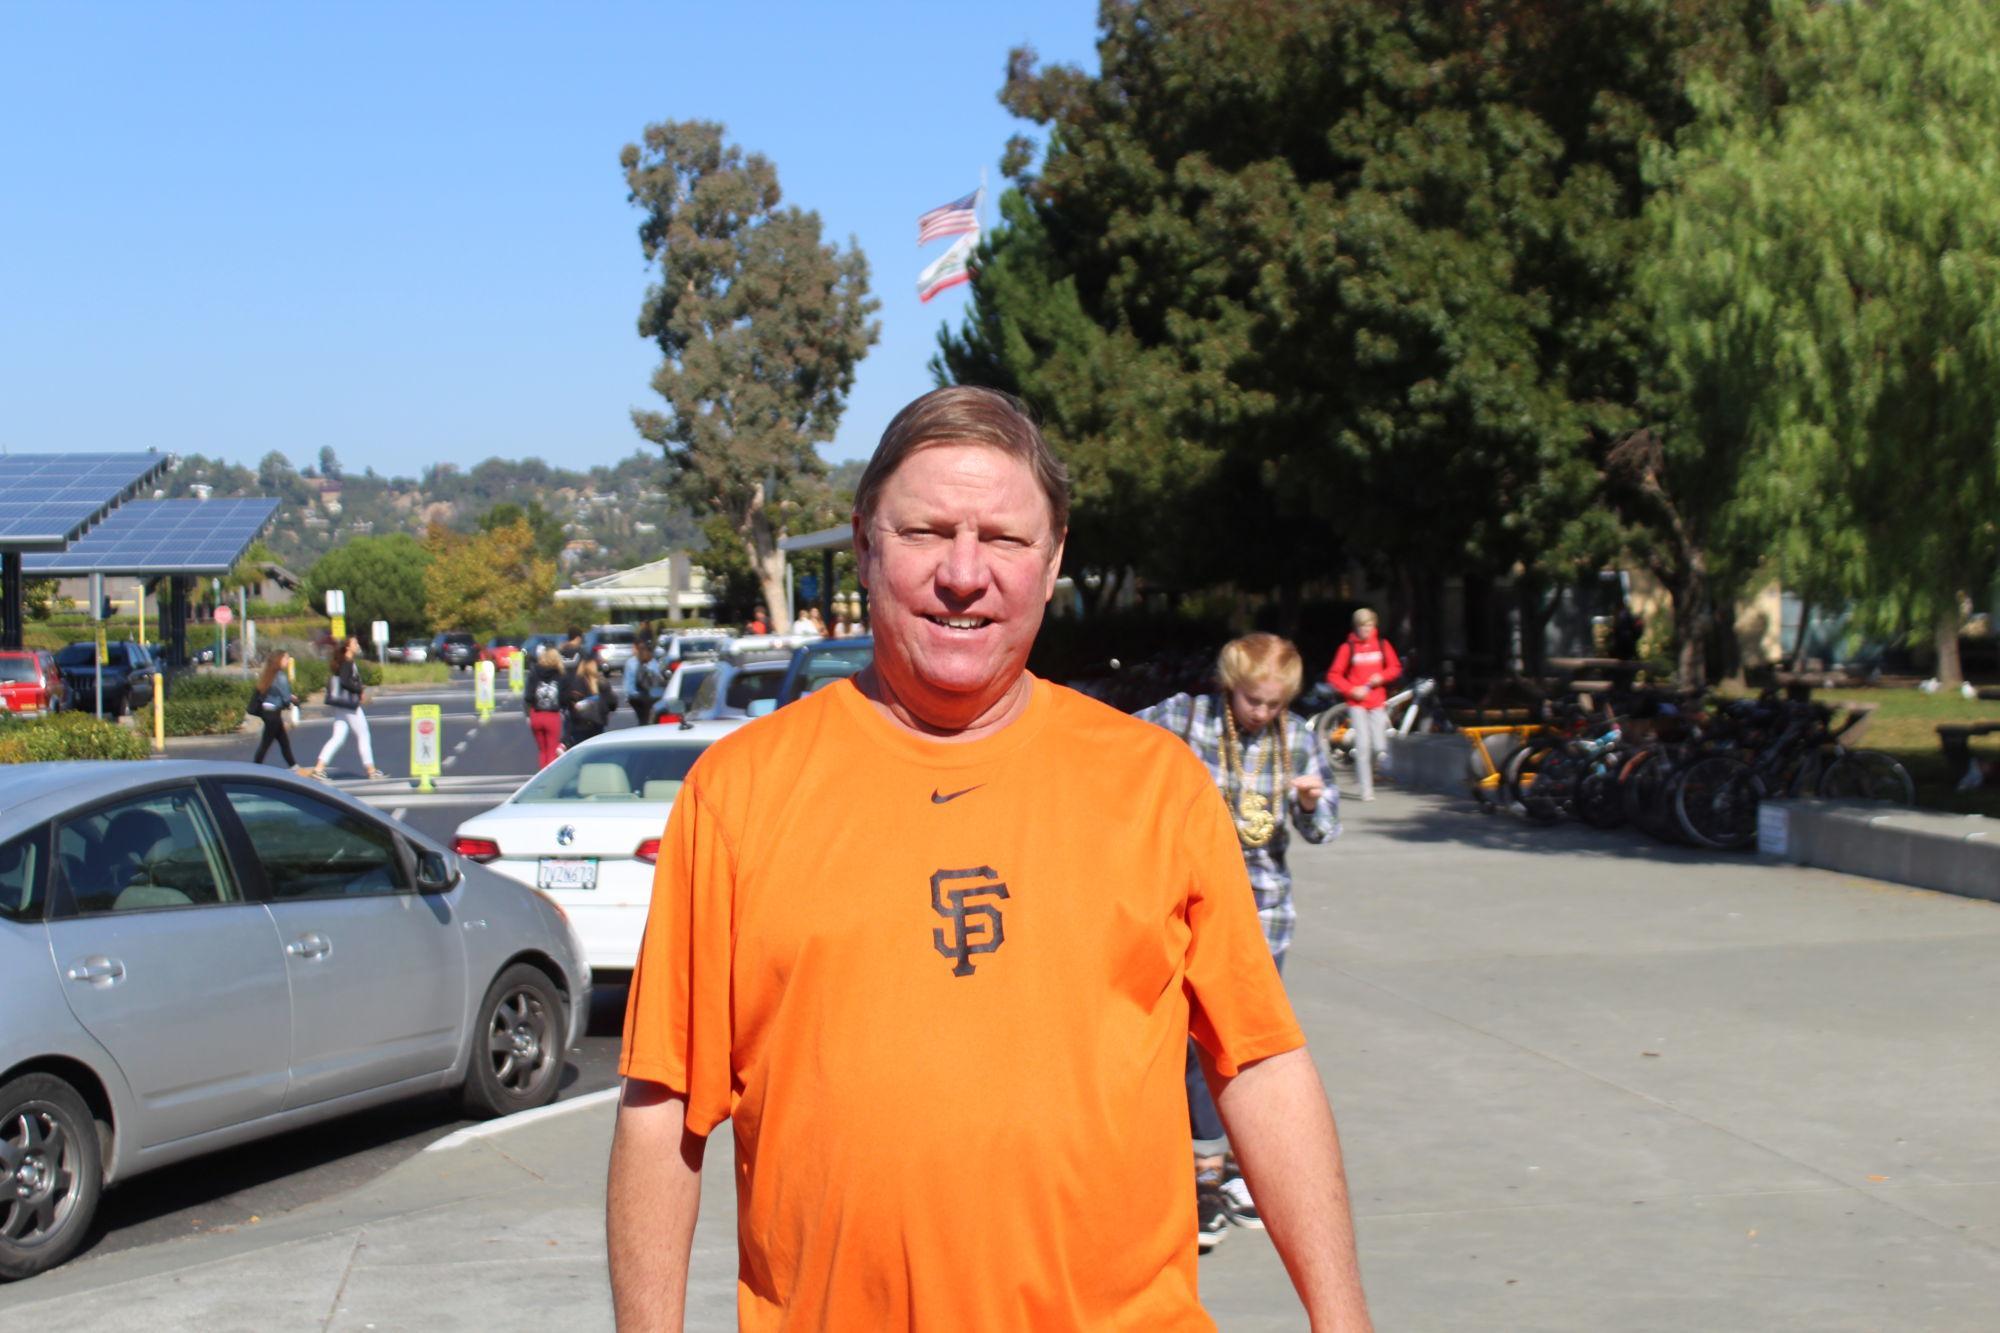 Greeting+his+students%2C+PE+teacher+Mike+Dibley+wears+orange.